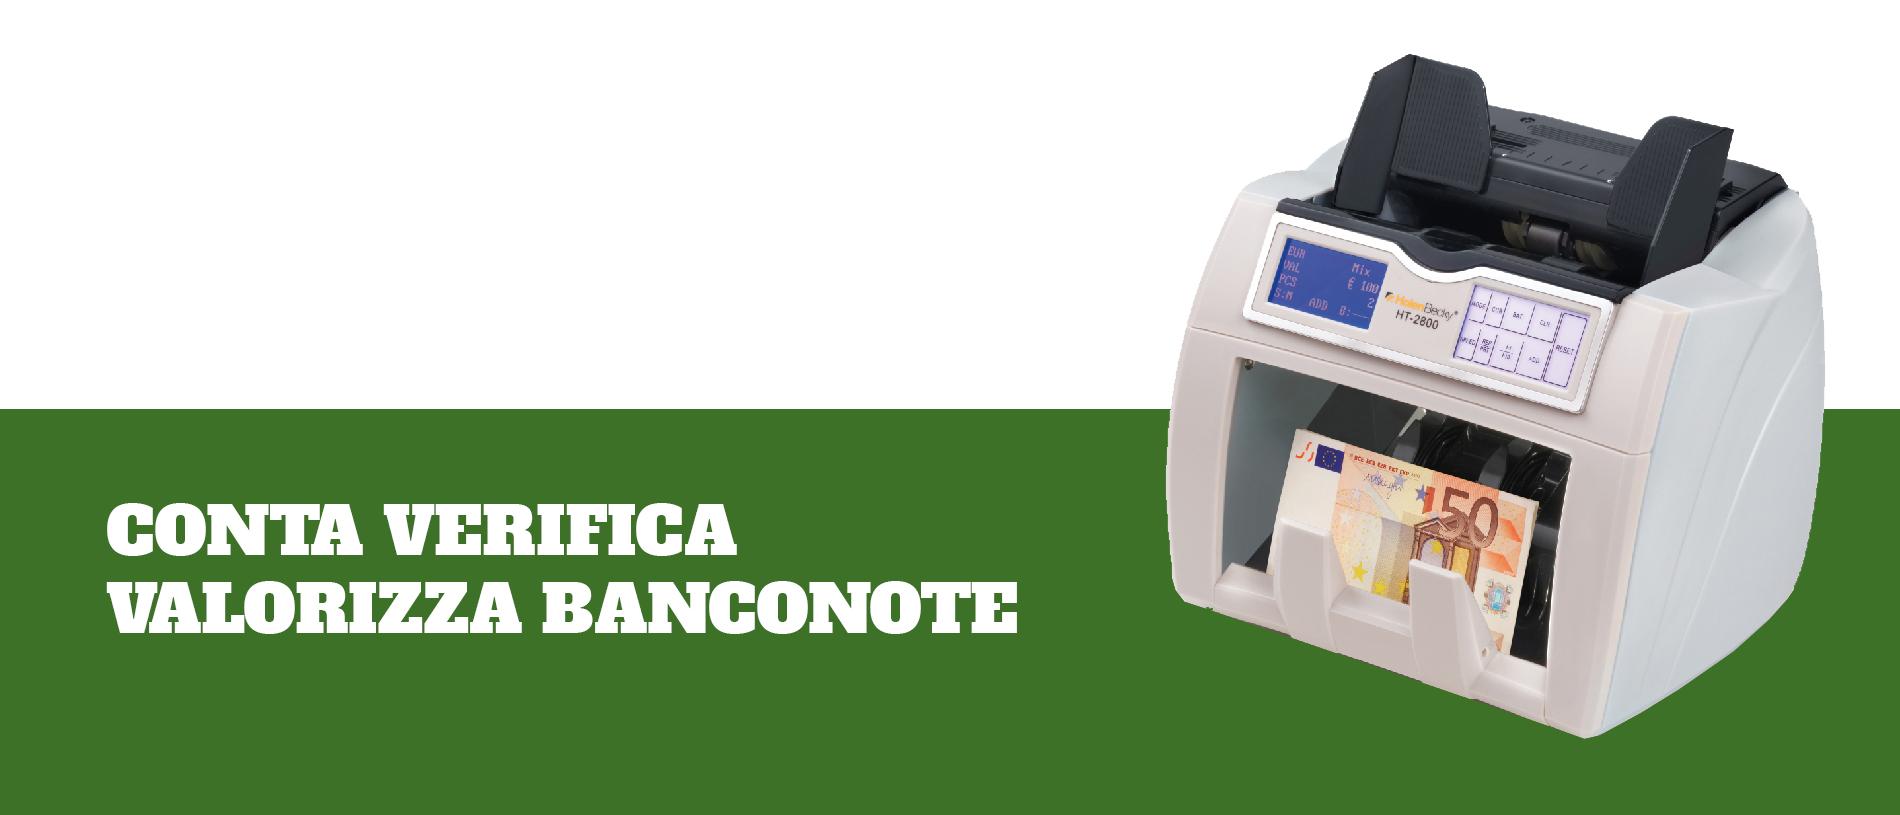 CONTA VERIFICA VALORIZZA BANCONOTE